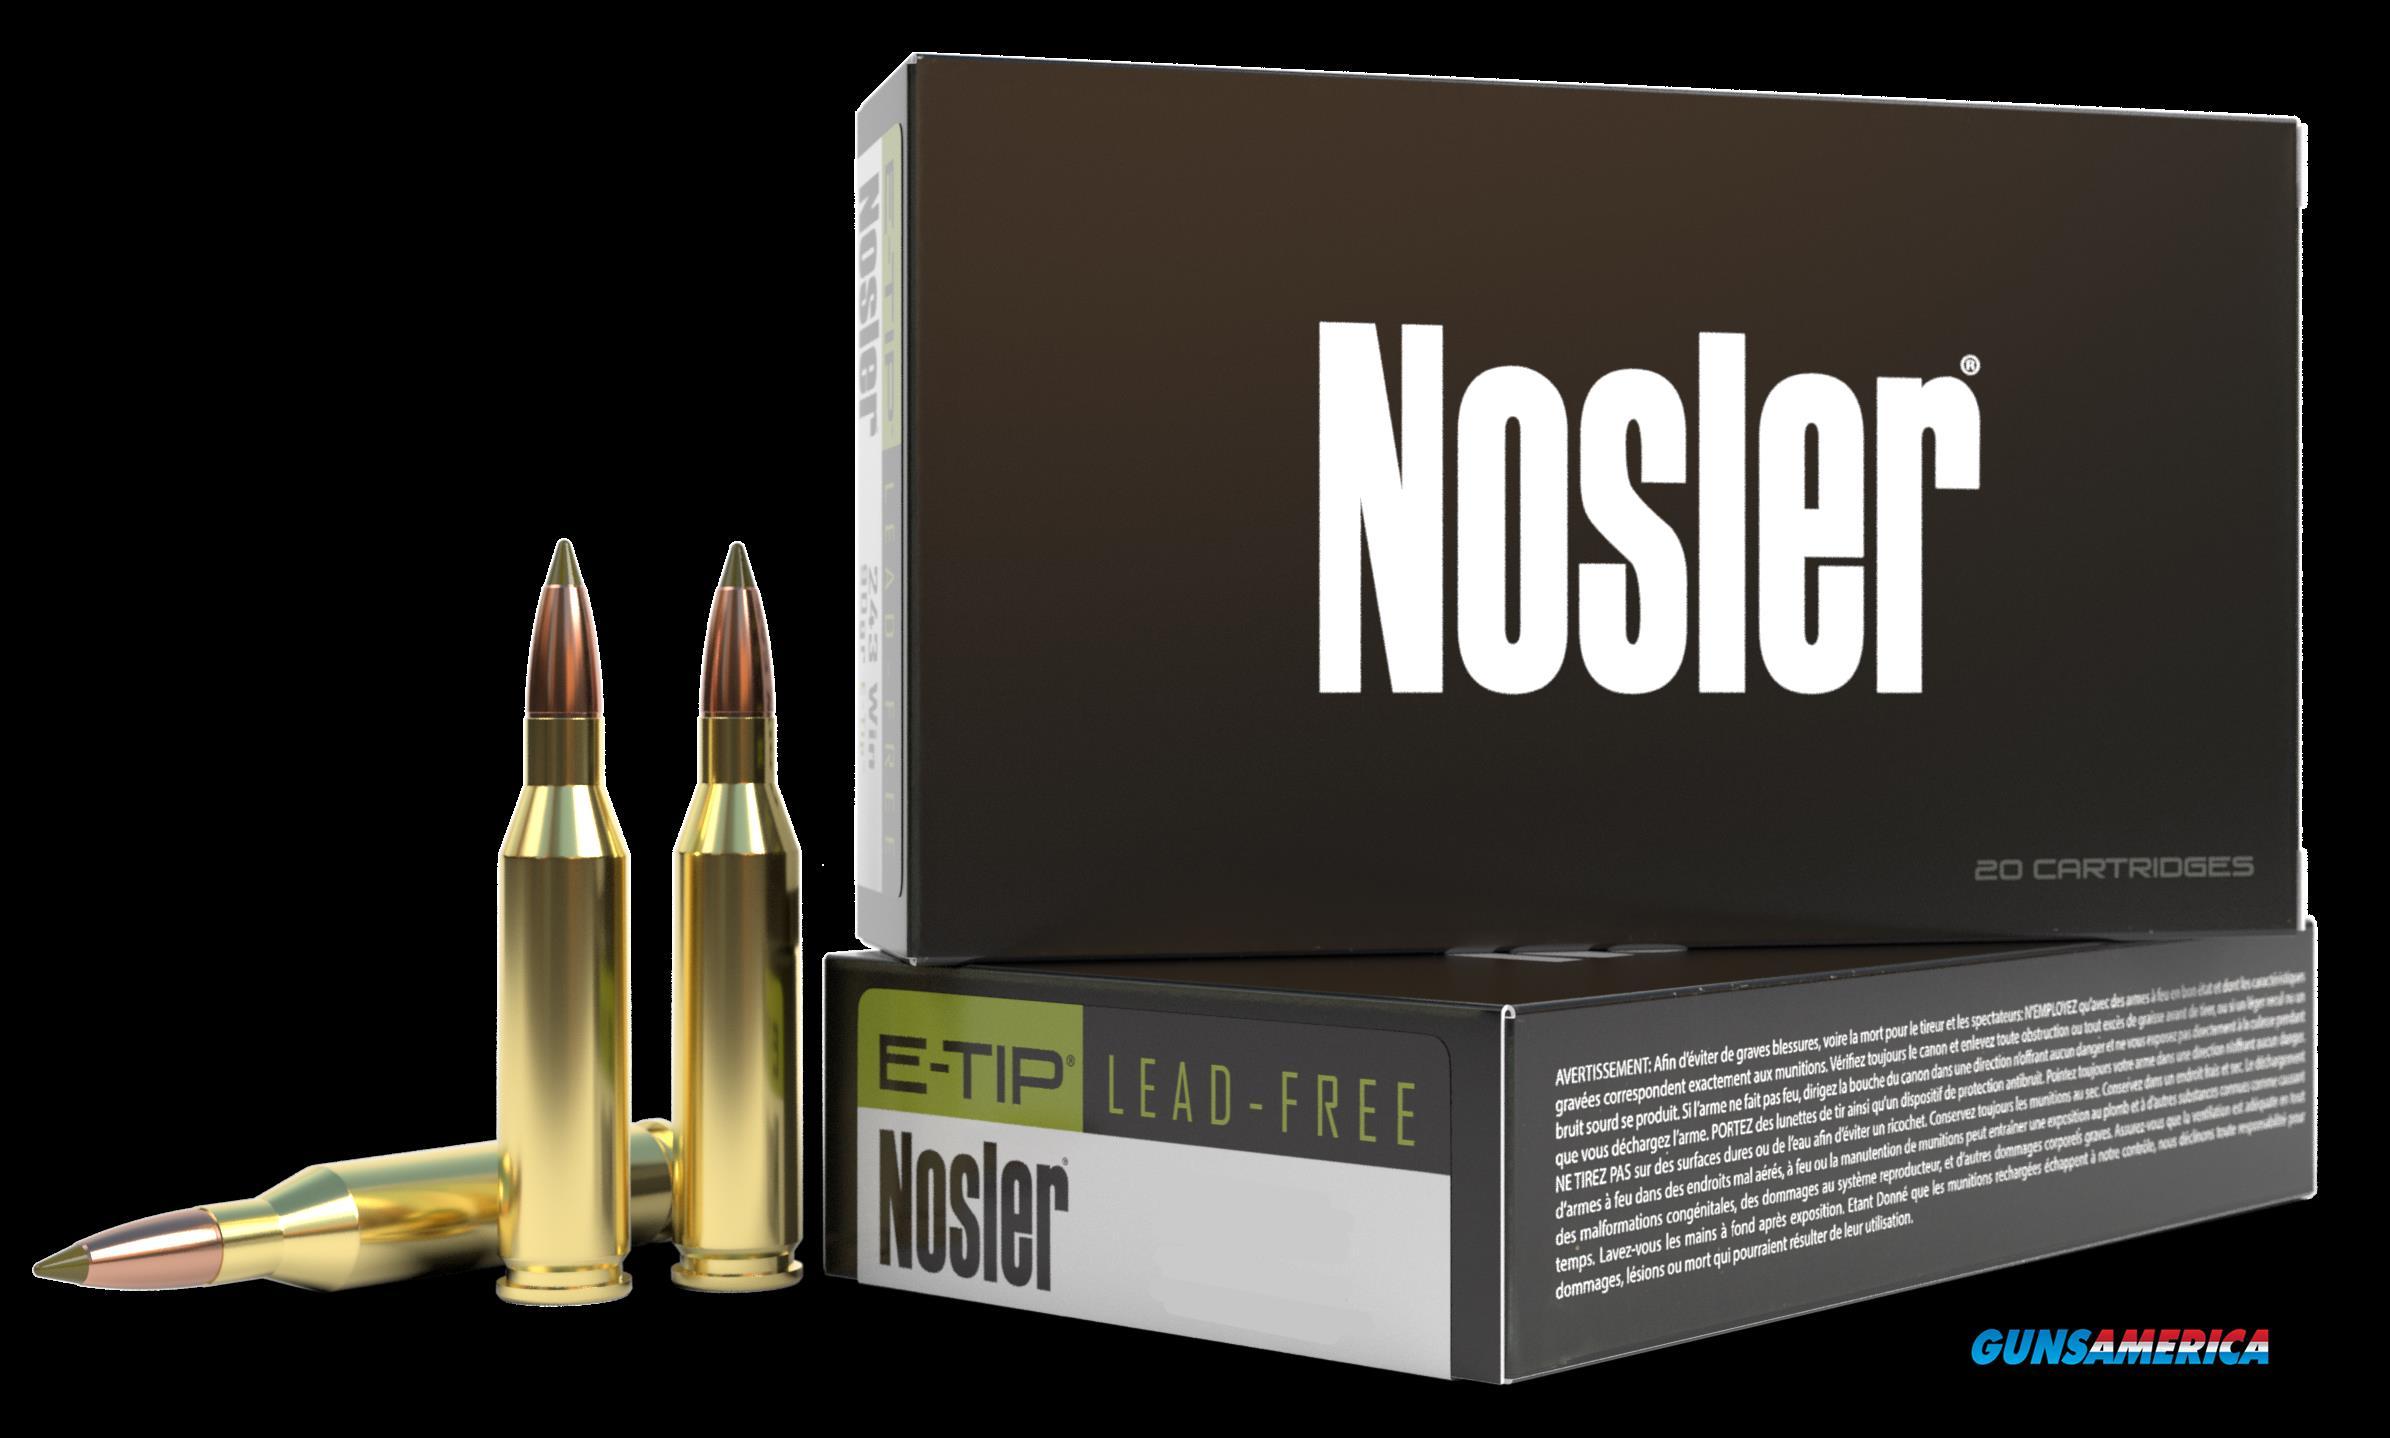 Nosler E-tip, Nos 40034 E-tip  308win   150 E-tip          20-10  Guns > Pistols > 1911 Pistol Copies (non-Colt)